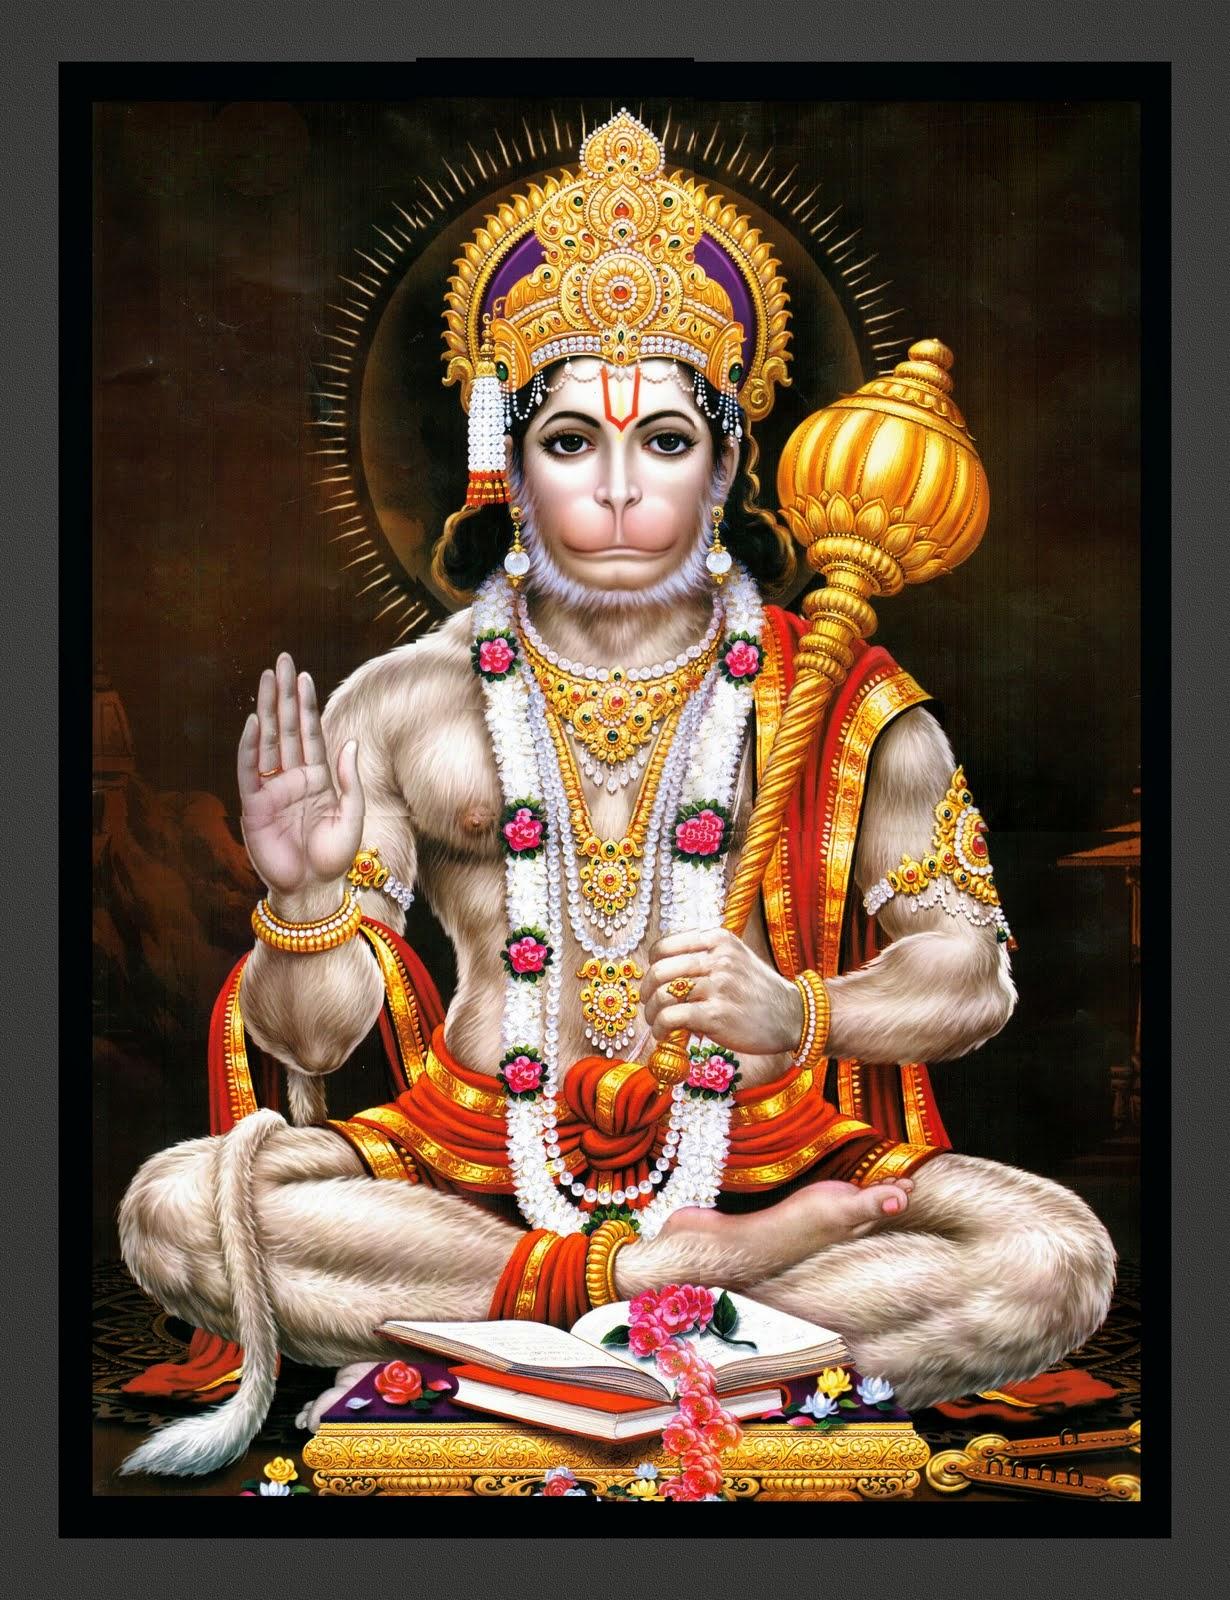 Hanuman Jayanthi 2015 Date